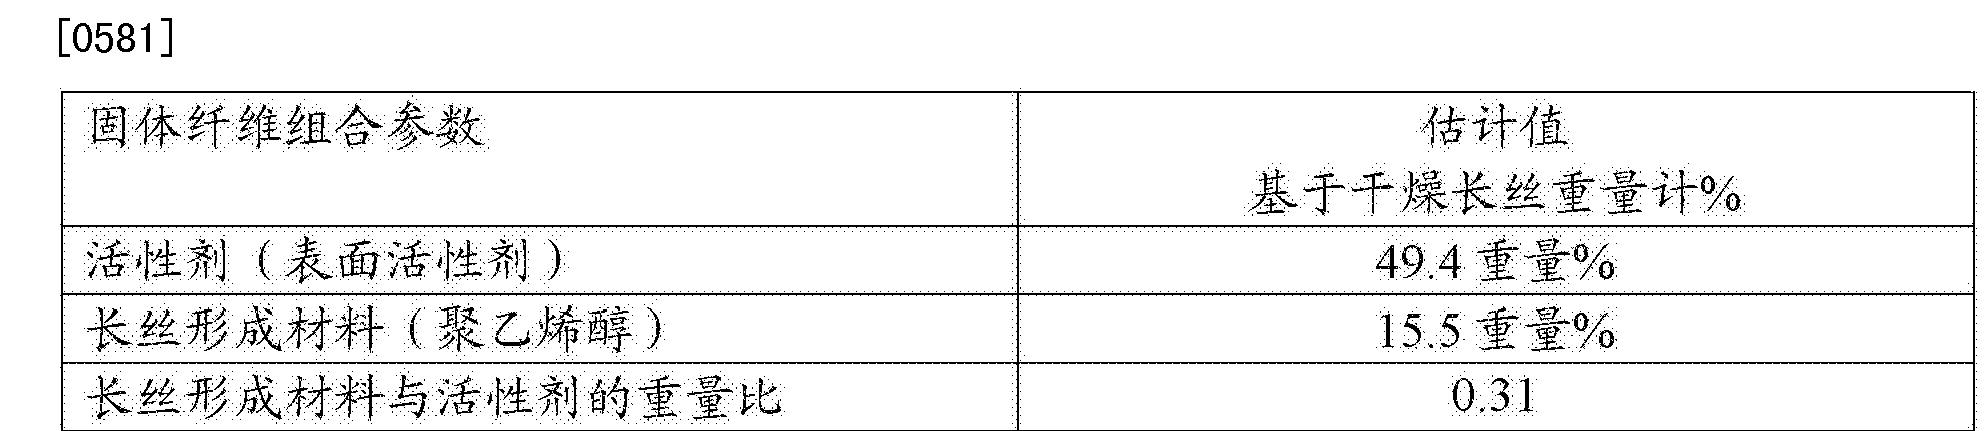 Figure CN103025929BD00612